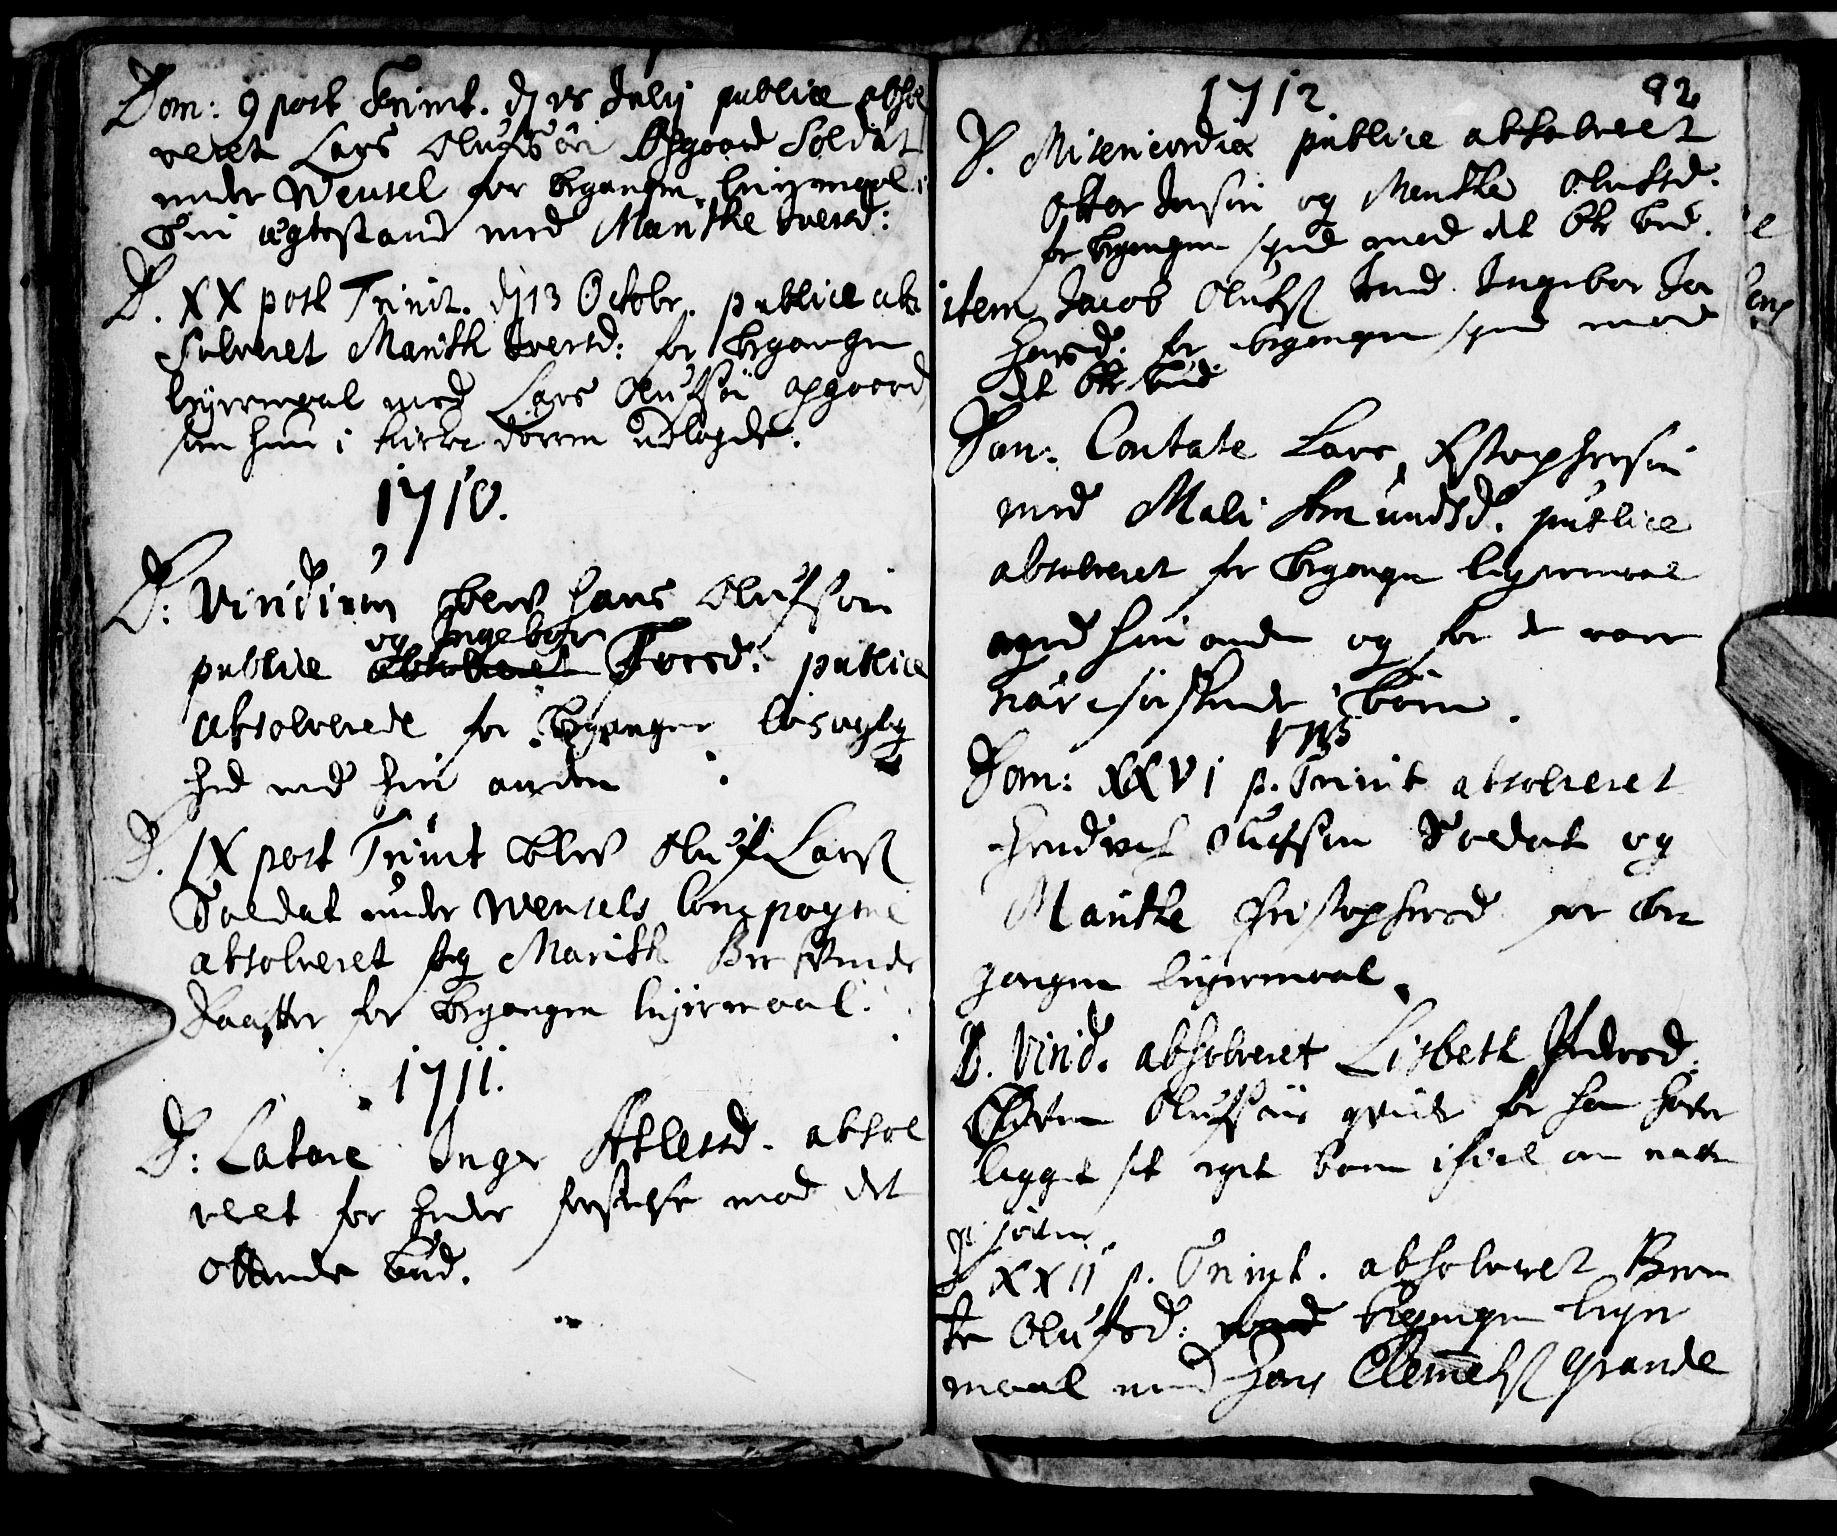 SAT, Ministerialprotokoller, klokkerbøker og fødselsregistre - Nord-Trøndelag, 722/L0214: Ministerialbok nr. 722A01, 1692-1718, s. 92